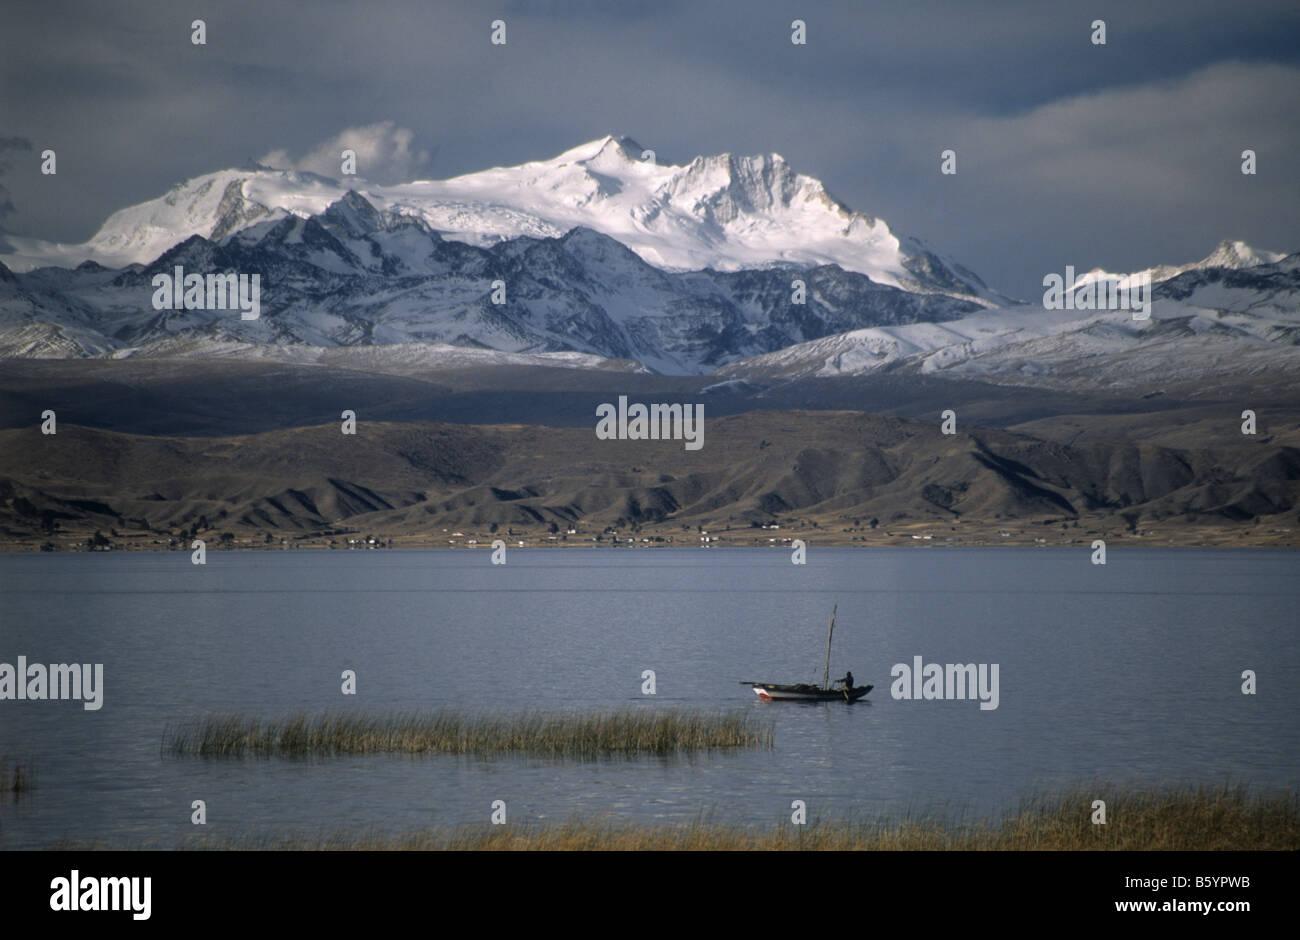 Fishing boat, Cordillera Real behind, Lake Titicaca, Bolivia - Stock Image